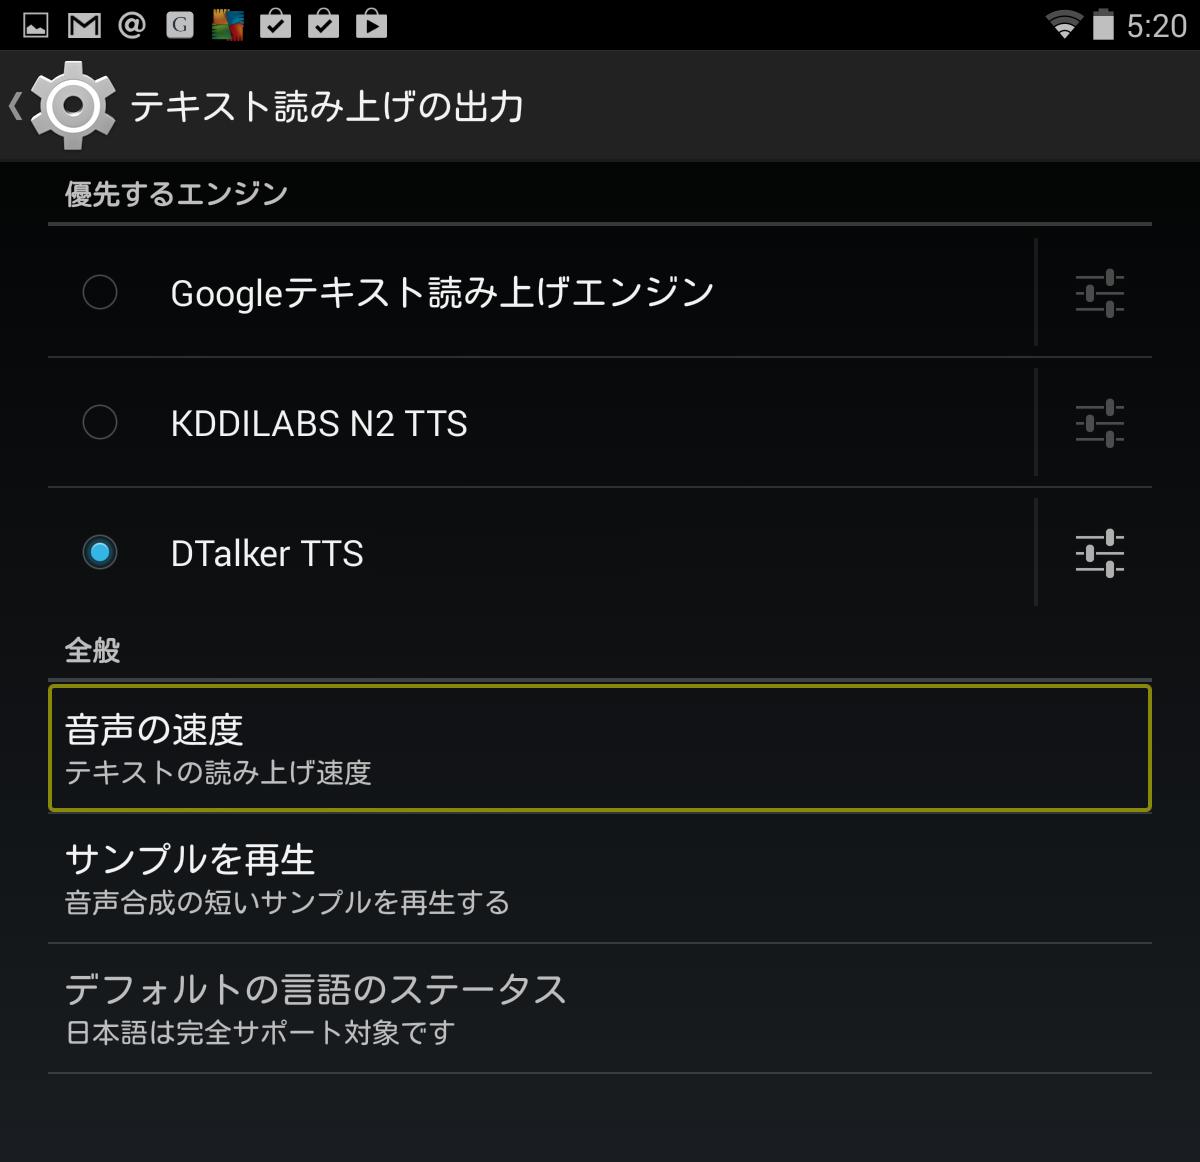 Android の「設定」>「ユーザー補助」>「テキスト読み上げの出力」の画面